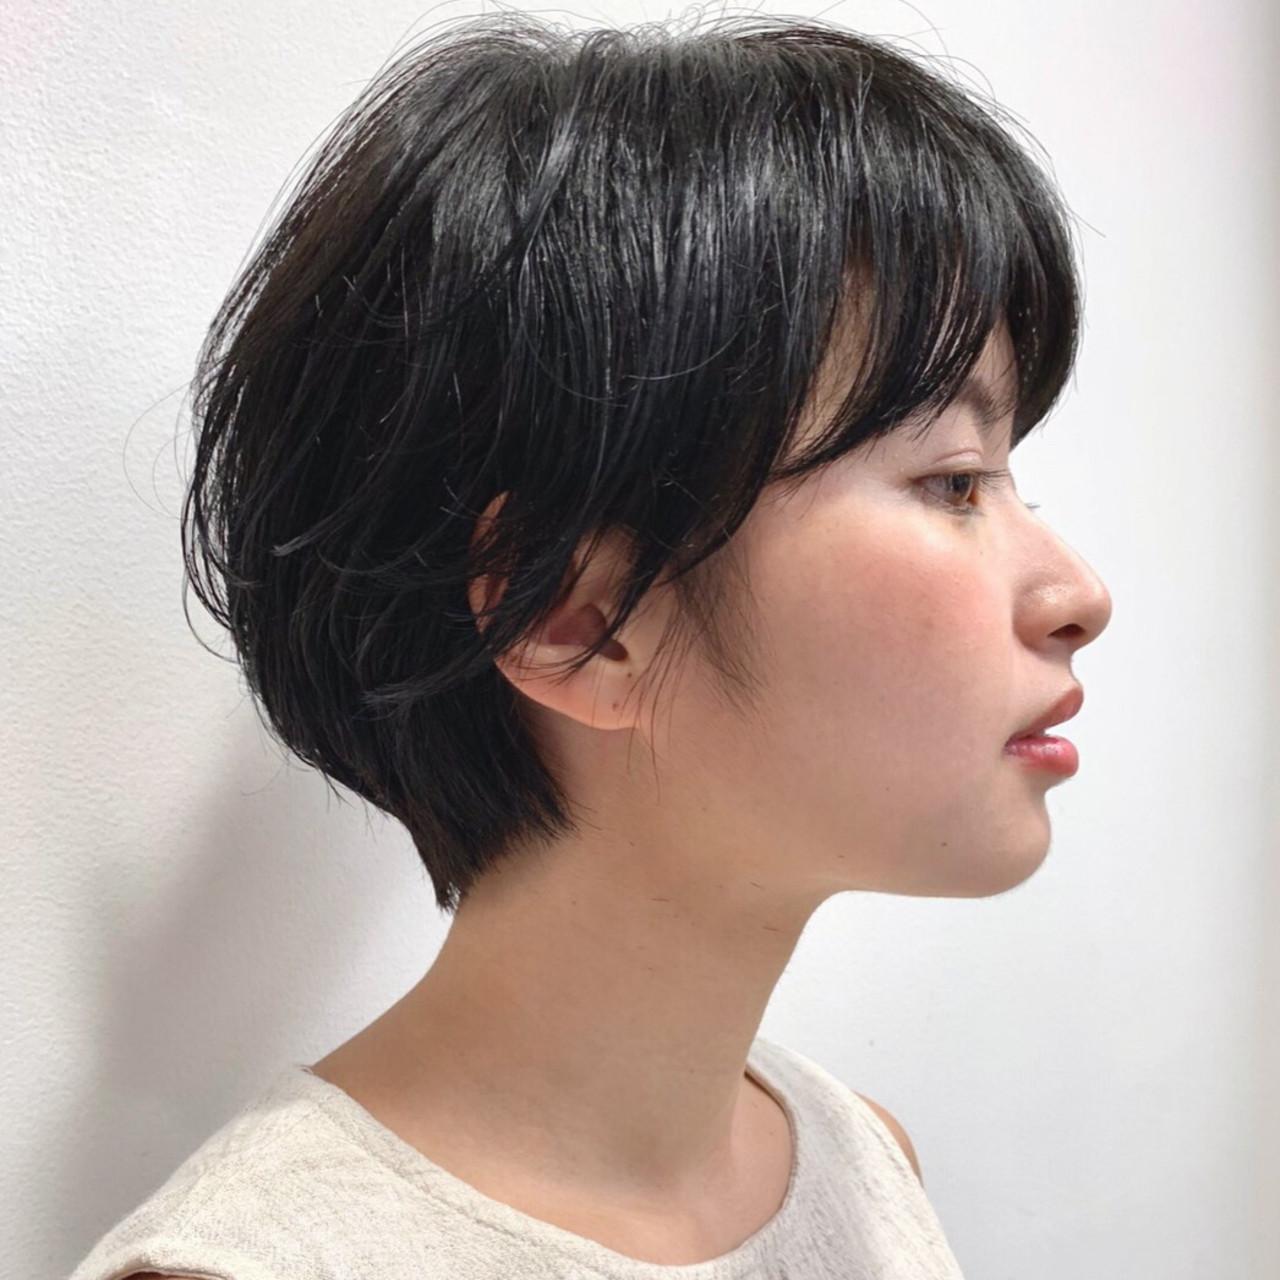 黒髪 ハンサムショート ナチュラル 就活 ヘアスタイルや髪型の写真・画像